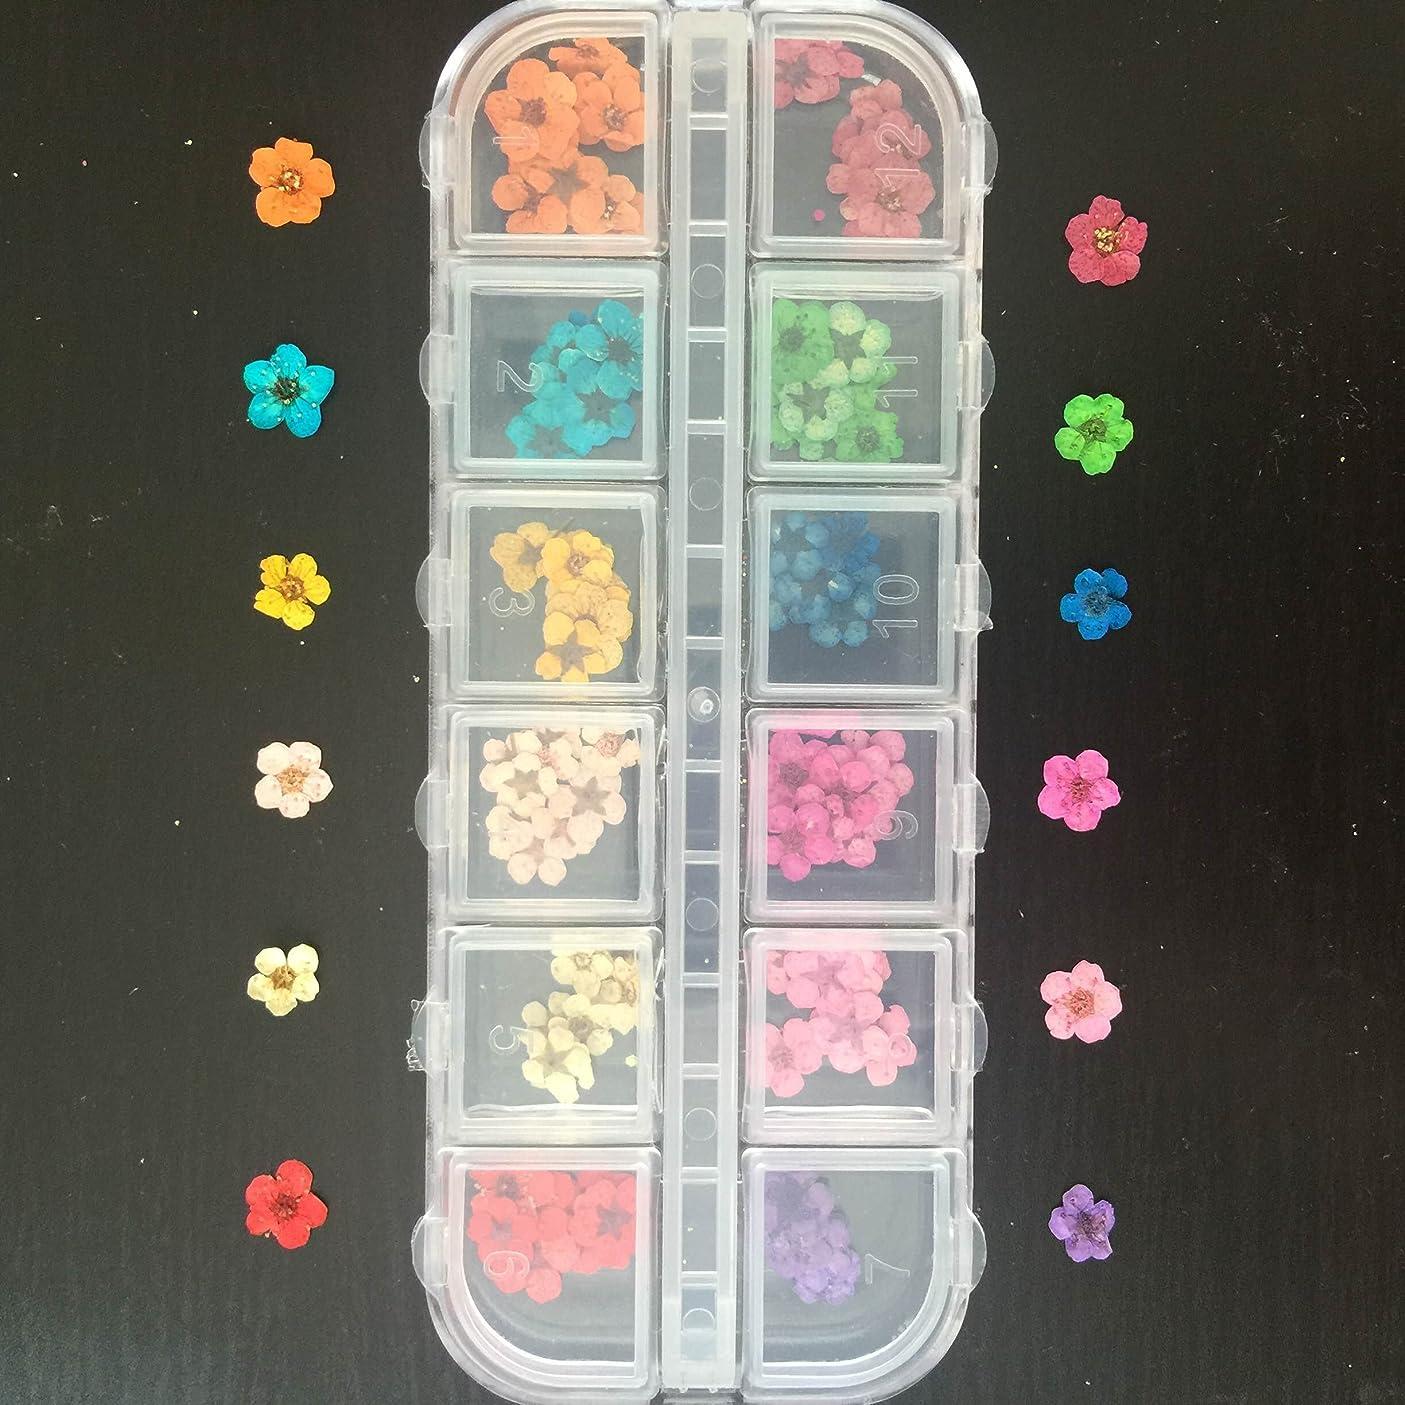 予測責任者スタッフドライフラワー上質押し花120枚ケース入 ネイル&レジンアート用12色×各10枚